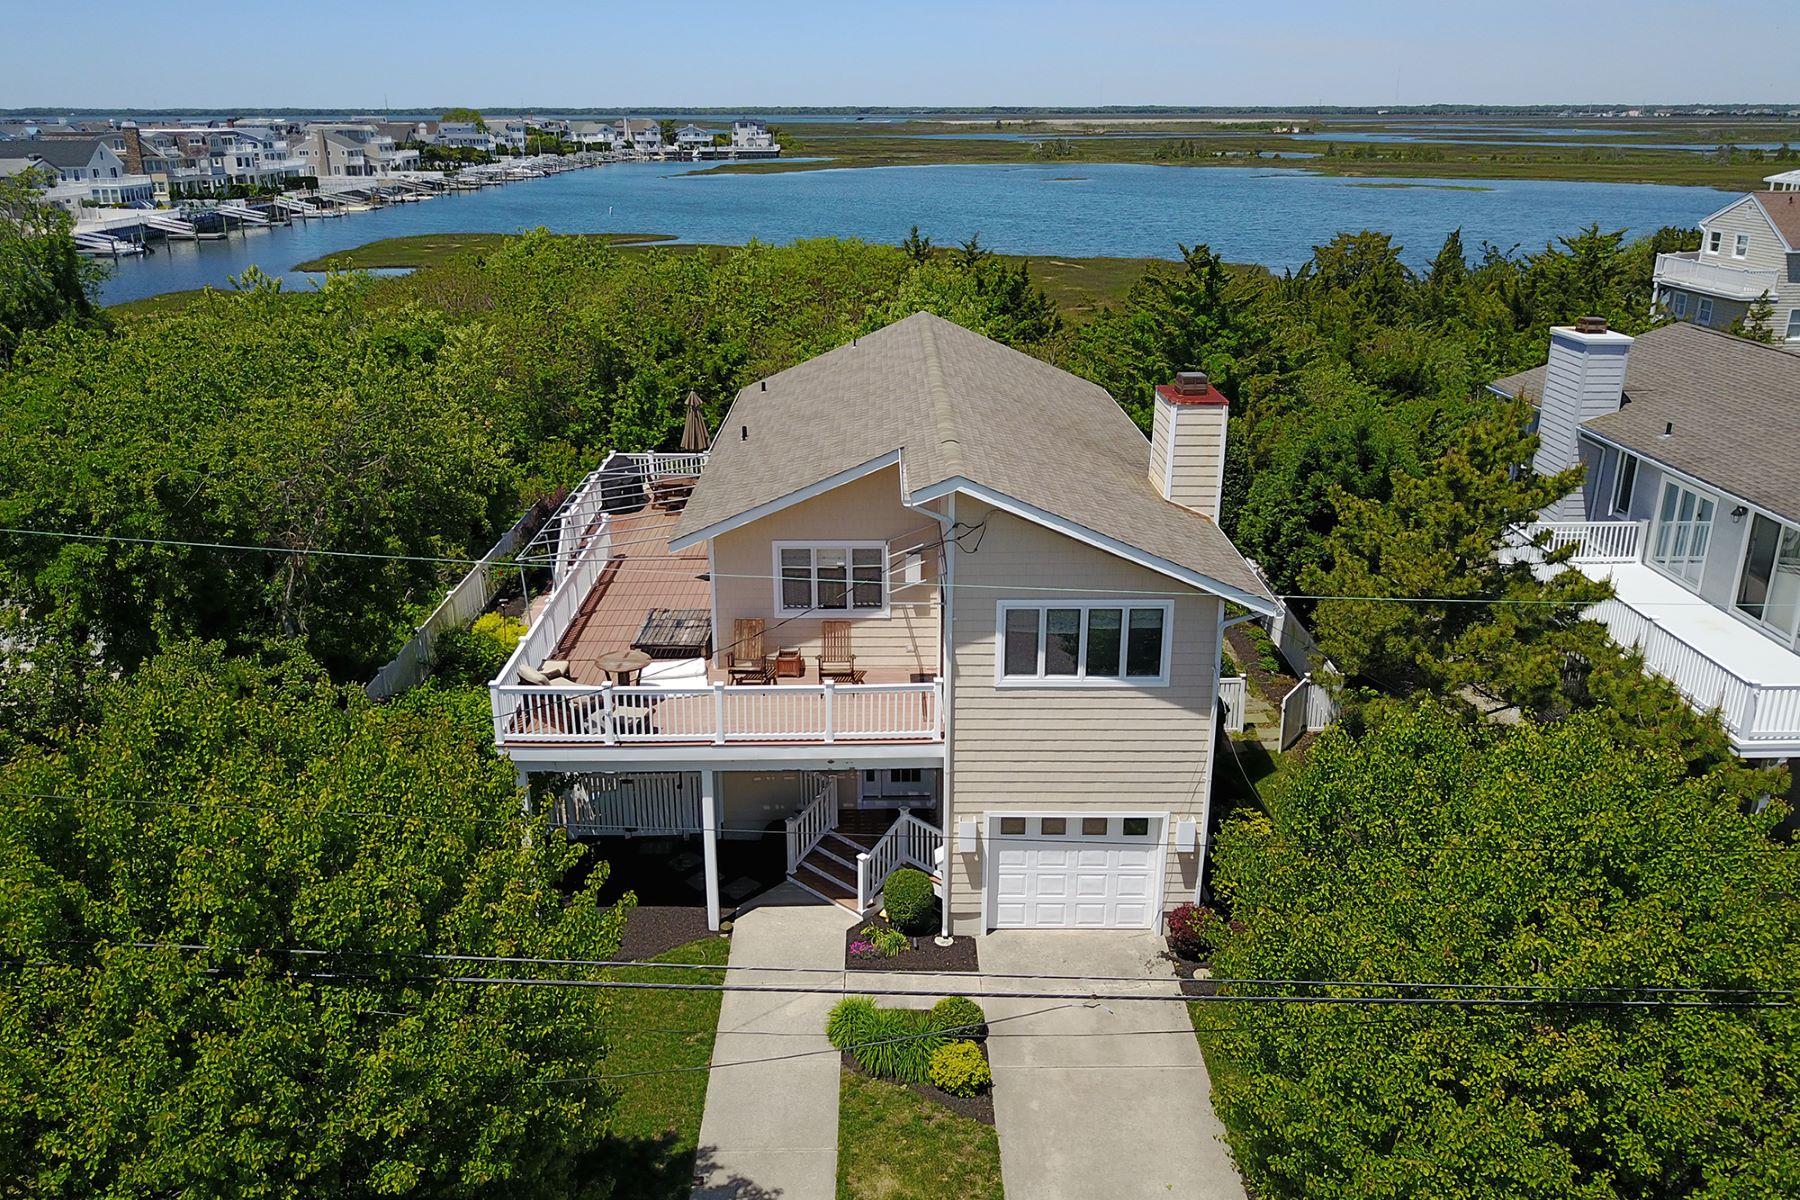 Частный односемейный дом для того Продажа на Discreet Beach Hideout 4042 Fourth Avenue Avalon, Нью-Джерси 08202 Соединенные Штаты